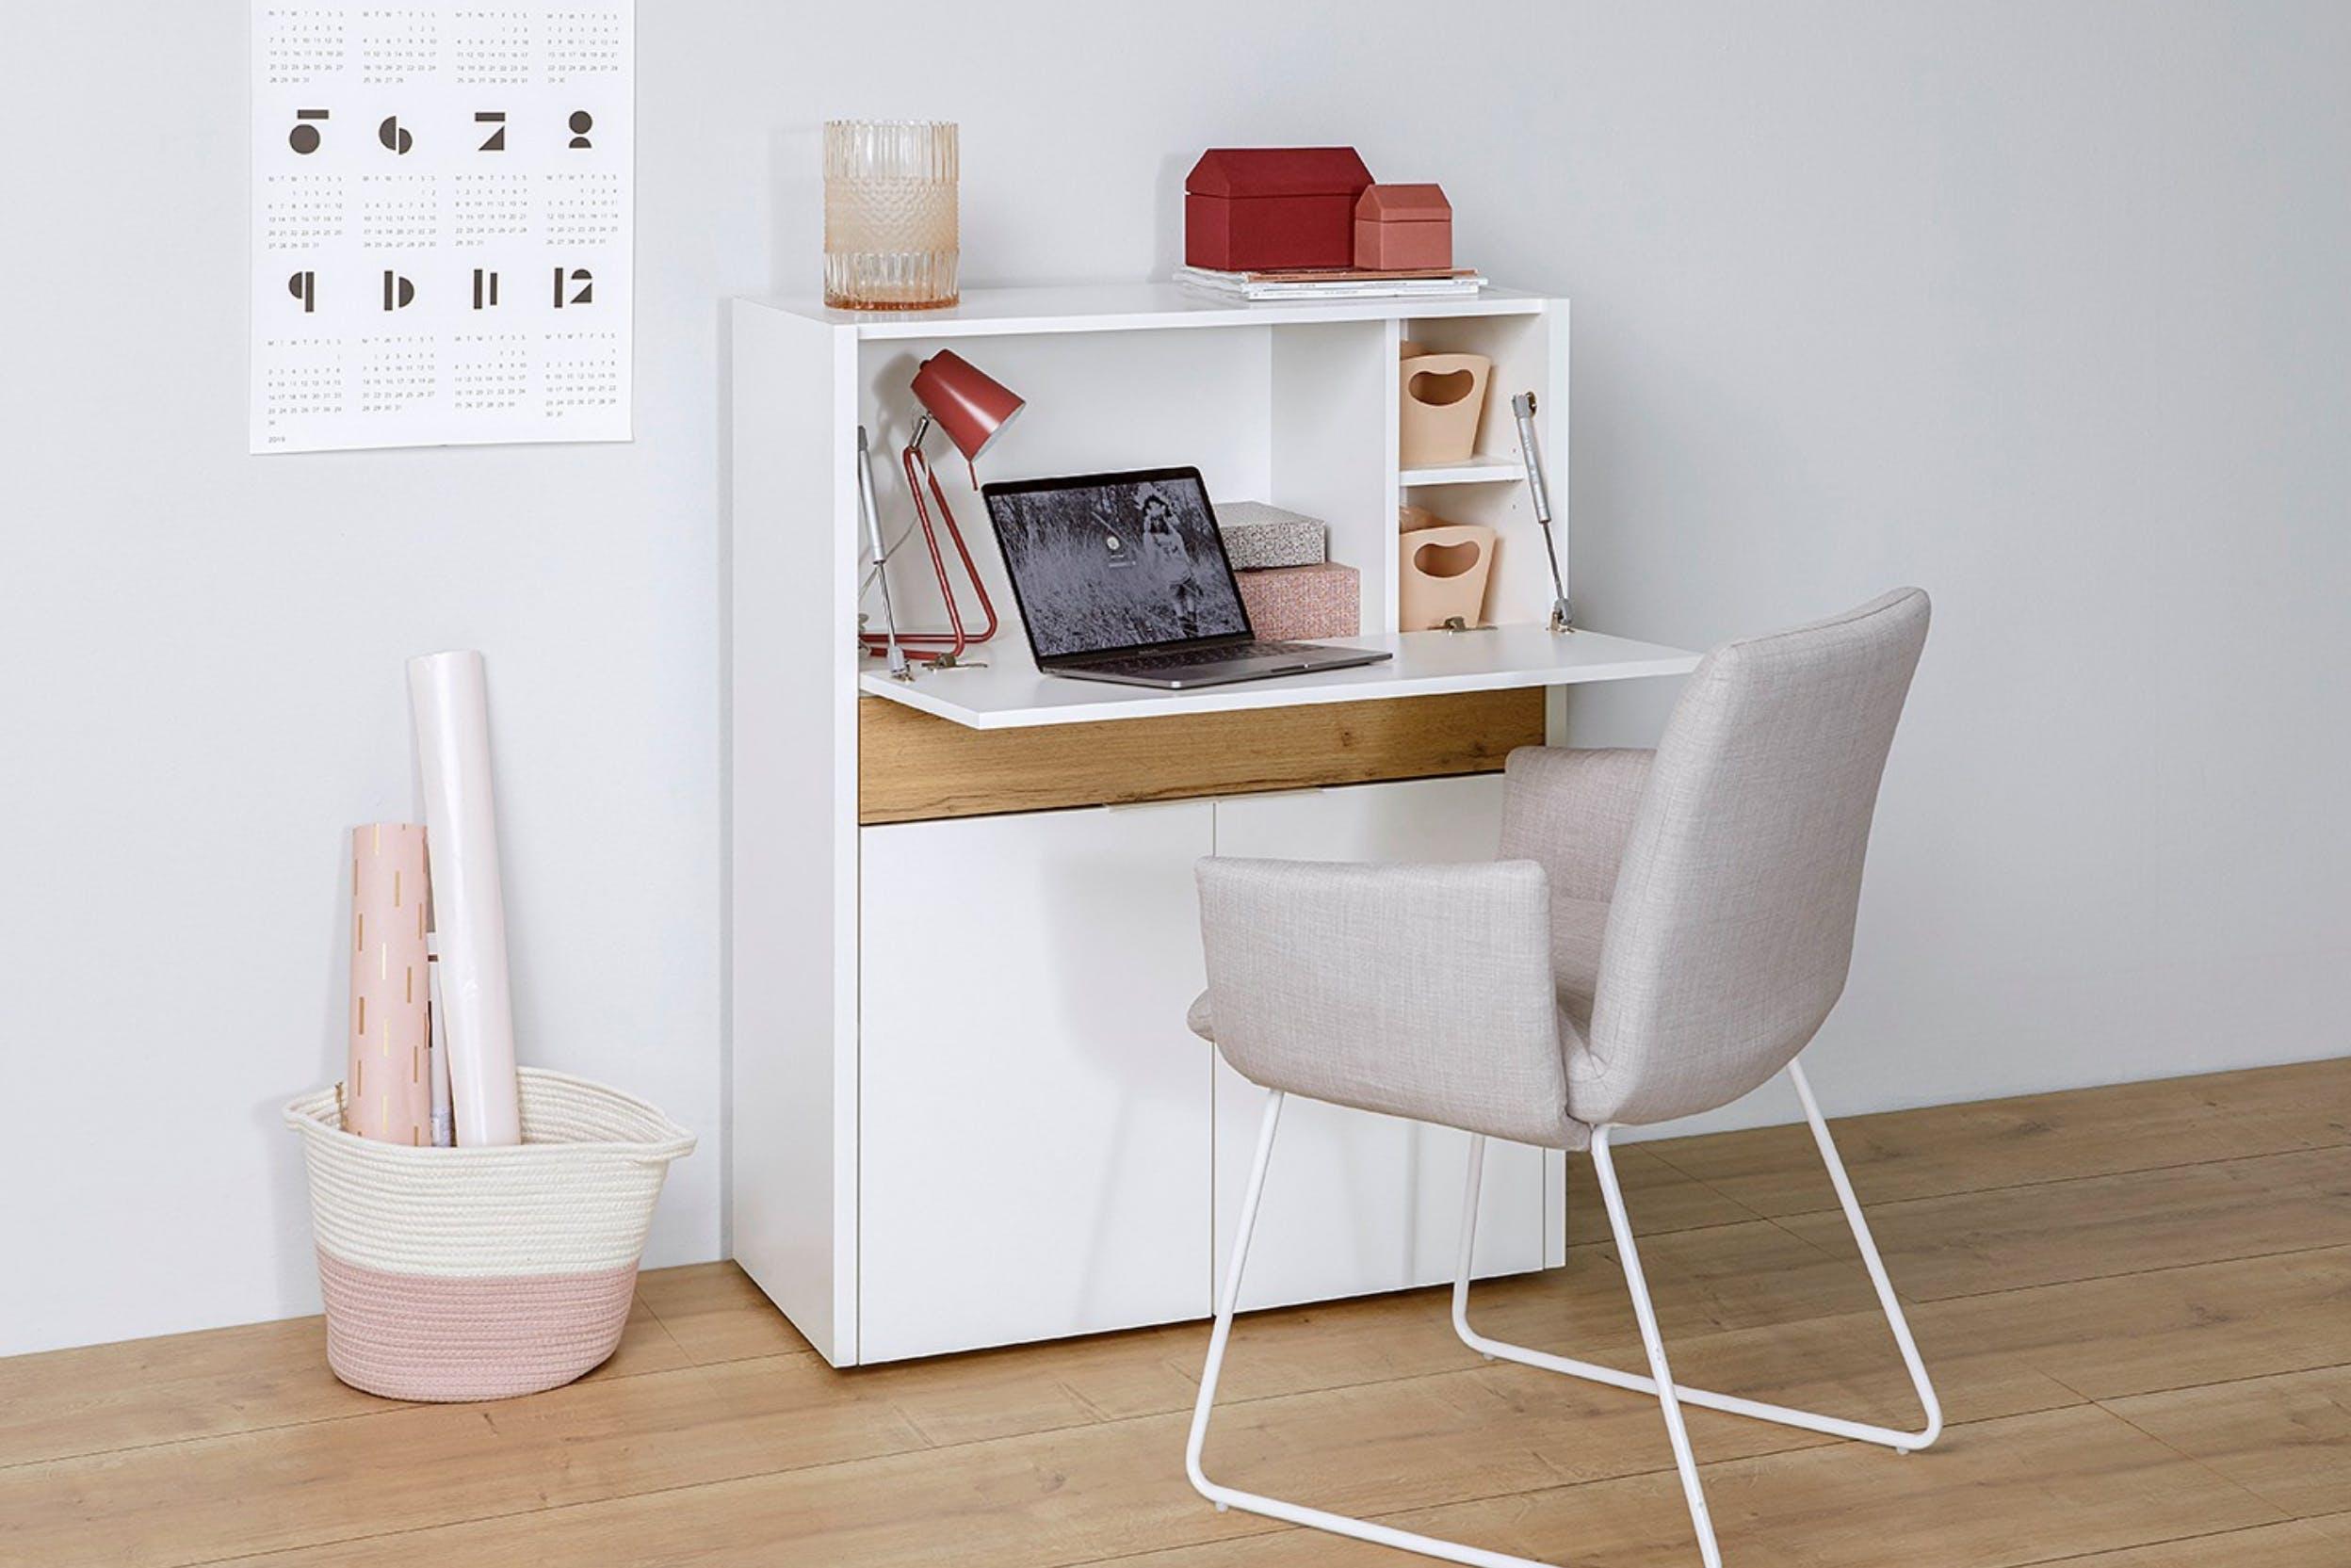 Cleverer Multifunktions-Schrank mit Laptop und bequemem Stuhl